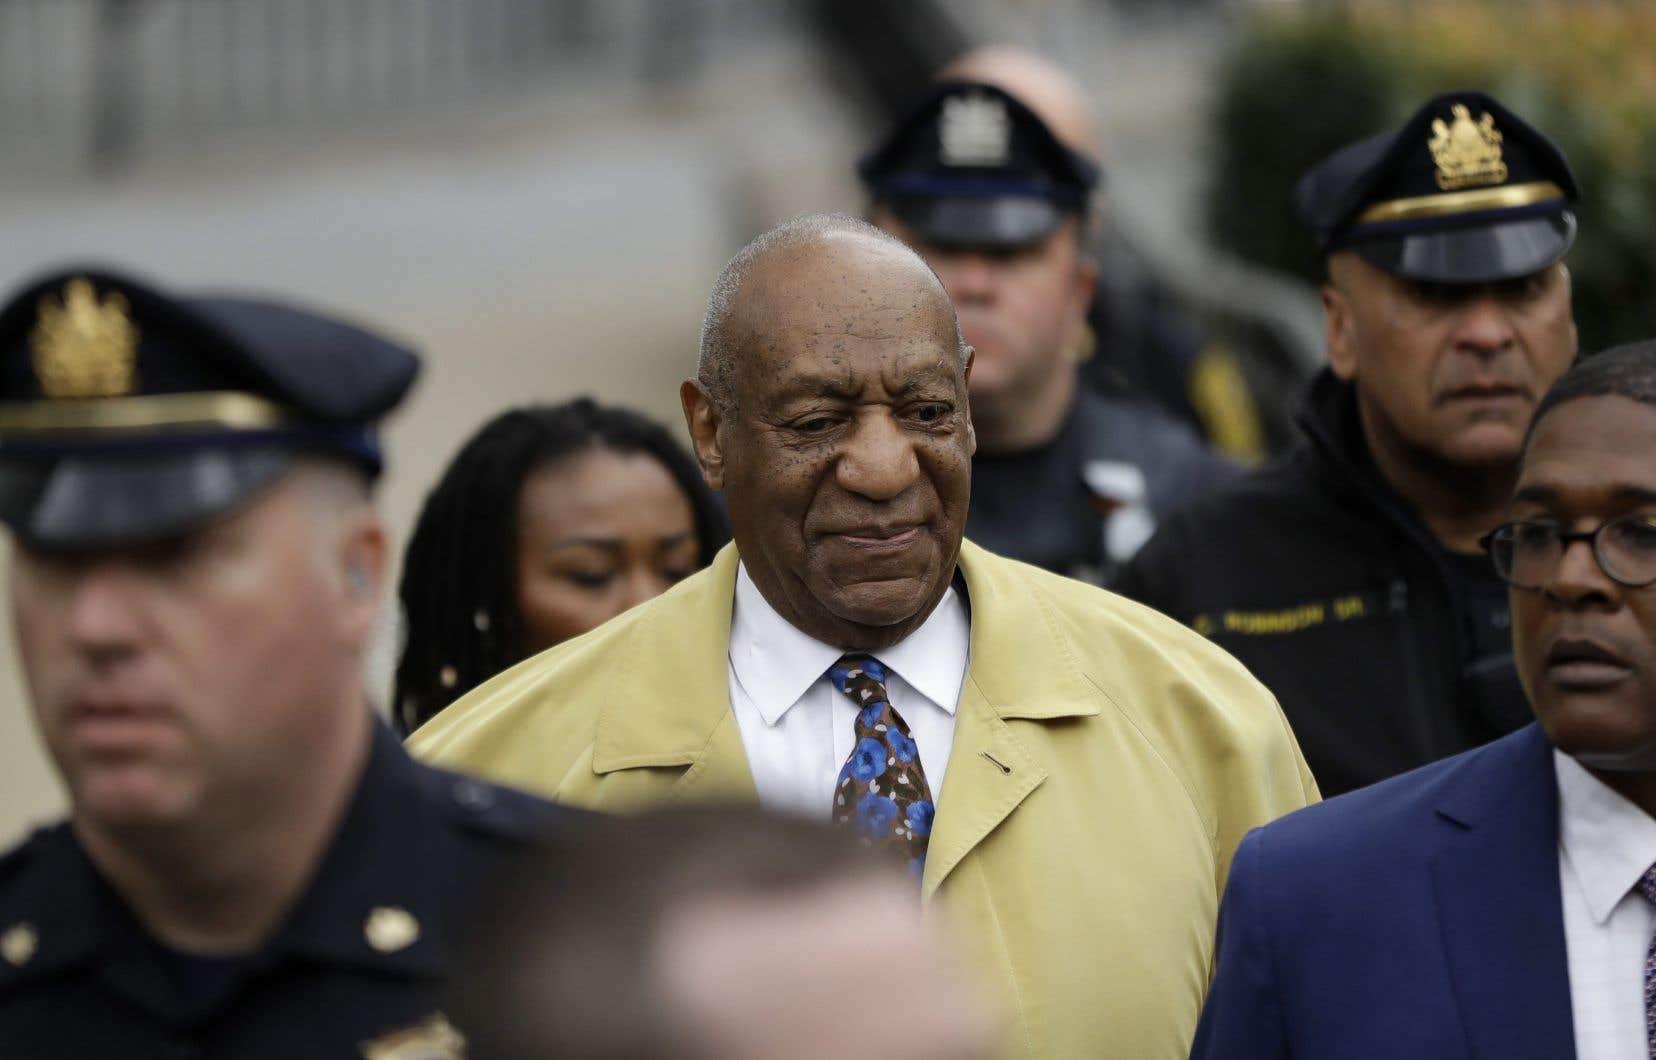 L'acteur Bill Cosby est accusé d'avoir agressé sexuellement l'ancienne basketteuse professionnelle Andrea Constand à son domicile en janvier 2004, après lui avoir fait avaler un puissant sédatif.